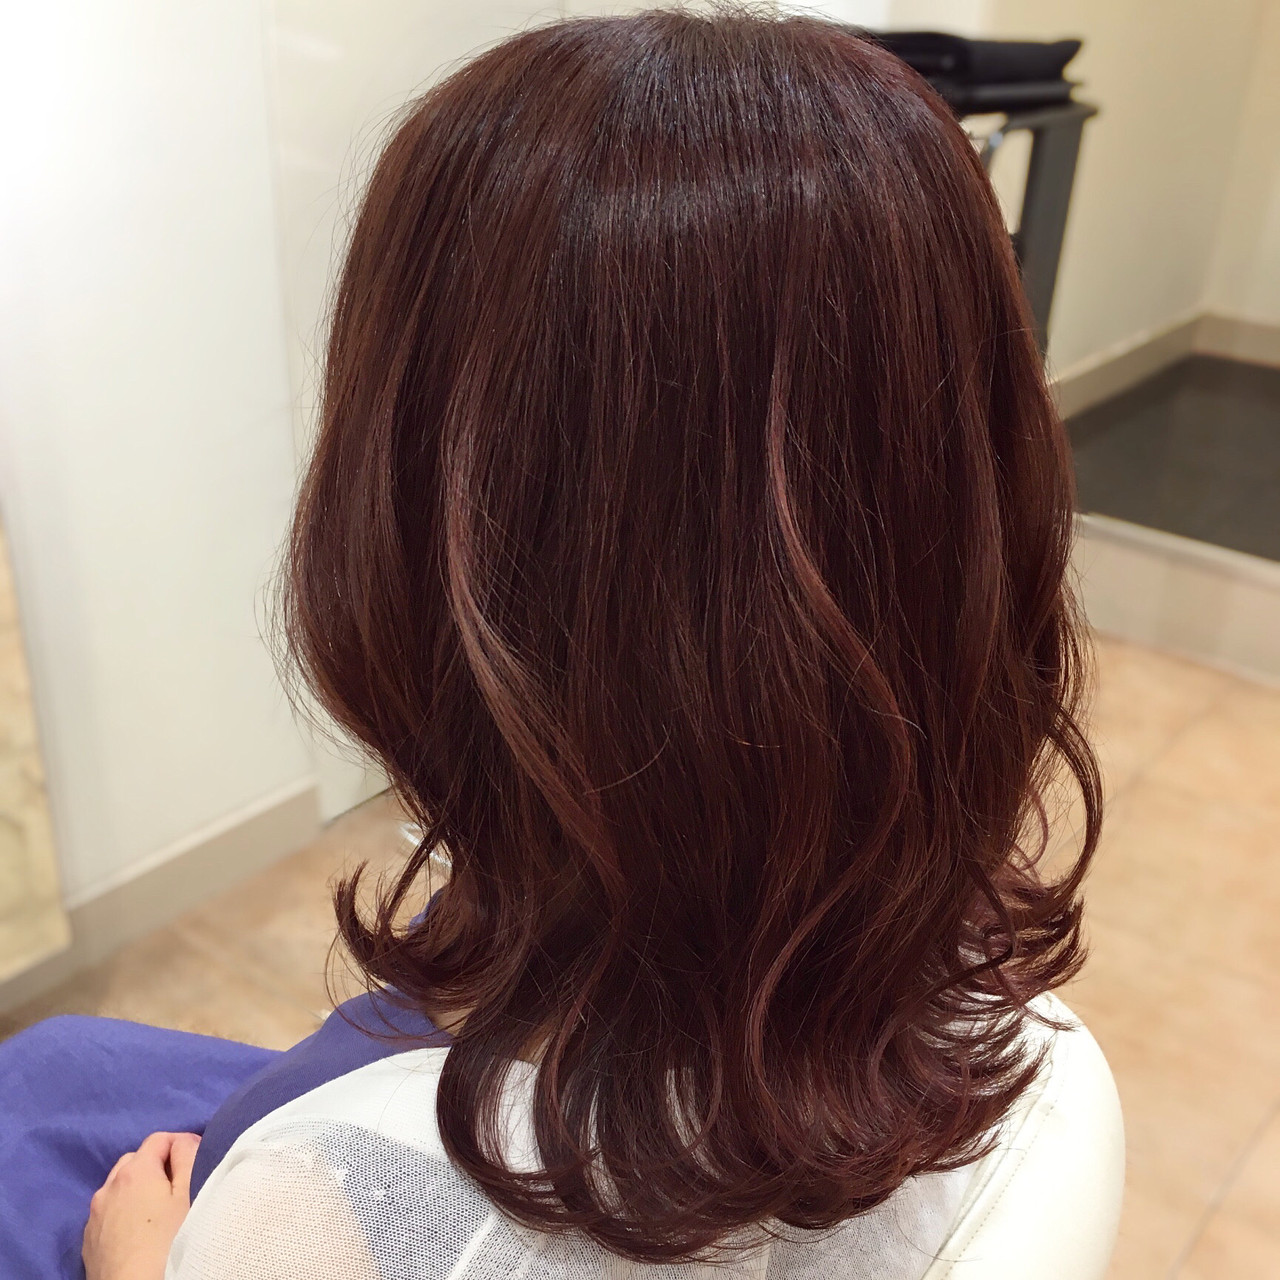 チェリーピンク エレガント ピンク ヘアカラー ヘアスタイルや髪型の写真・画像 | 平本 詠一 / fabris